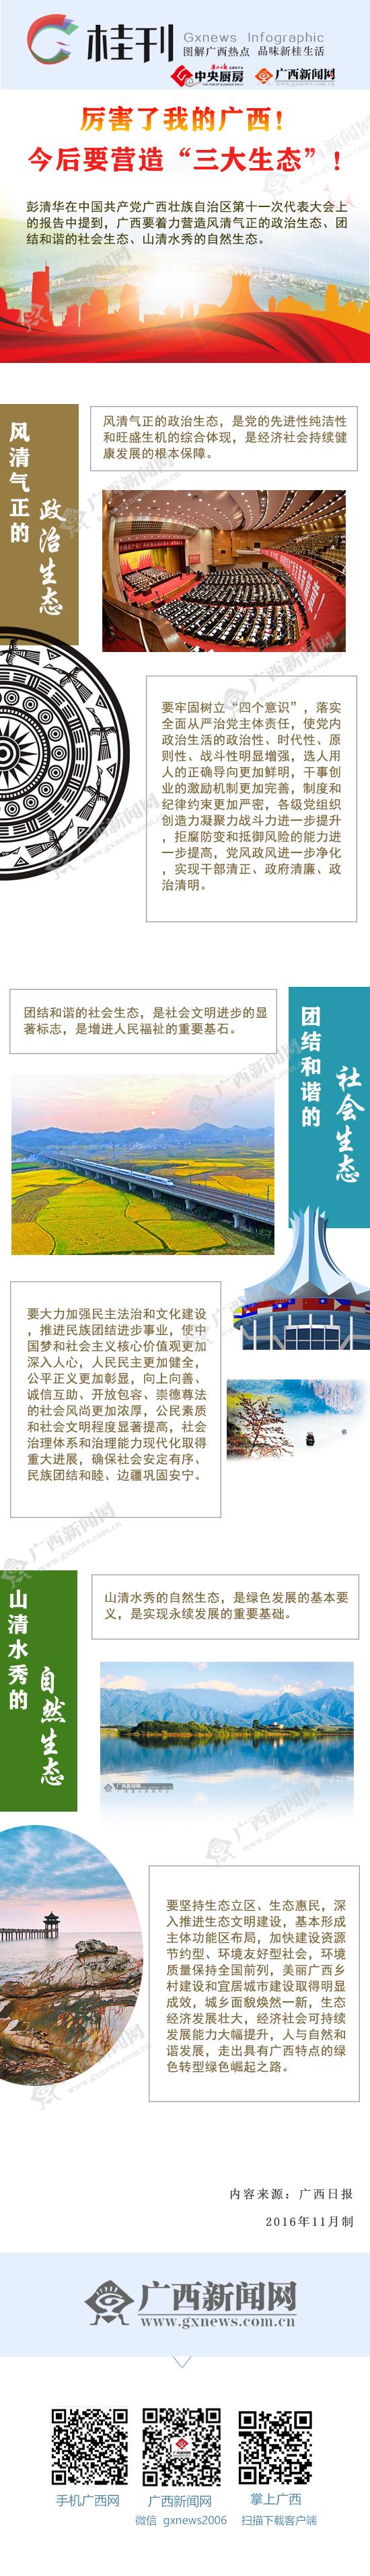 """【桂刊】厉害了我的广西!今后要营造""""三大生态"""""""